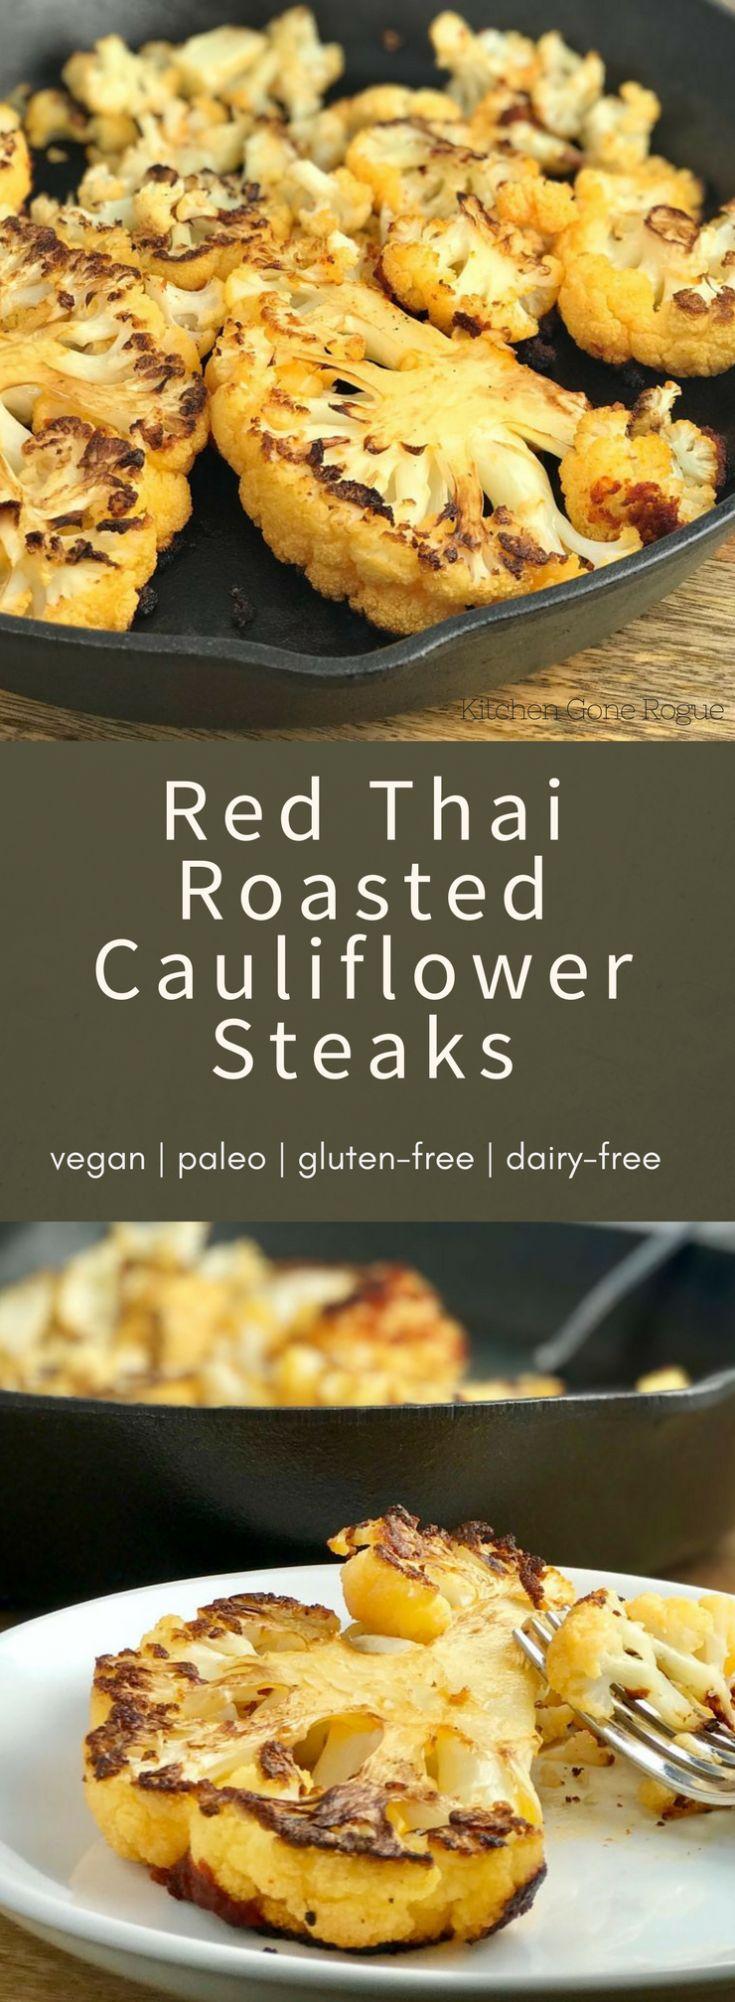 Red Thai Roasted Cauliflower Steaks Vegan Paleo Gluten Free